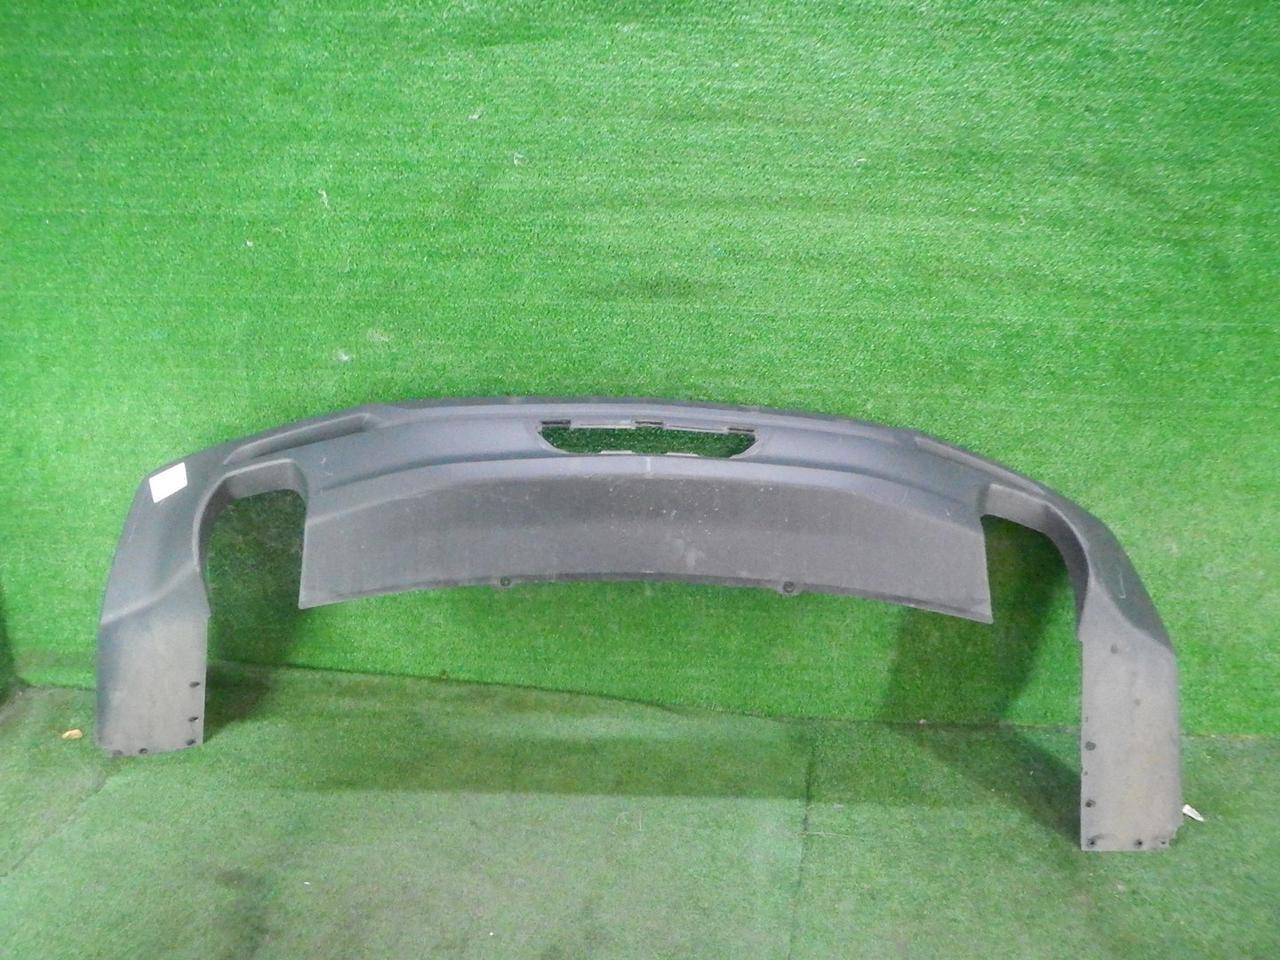 Юбка заднего бампера Chevrolet C